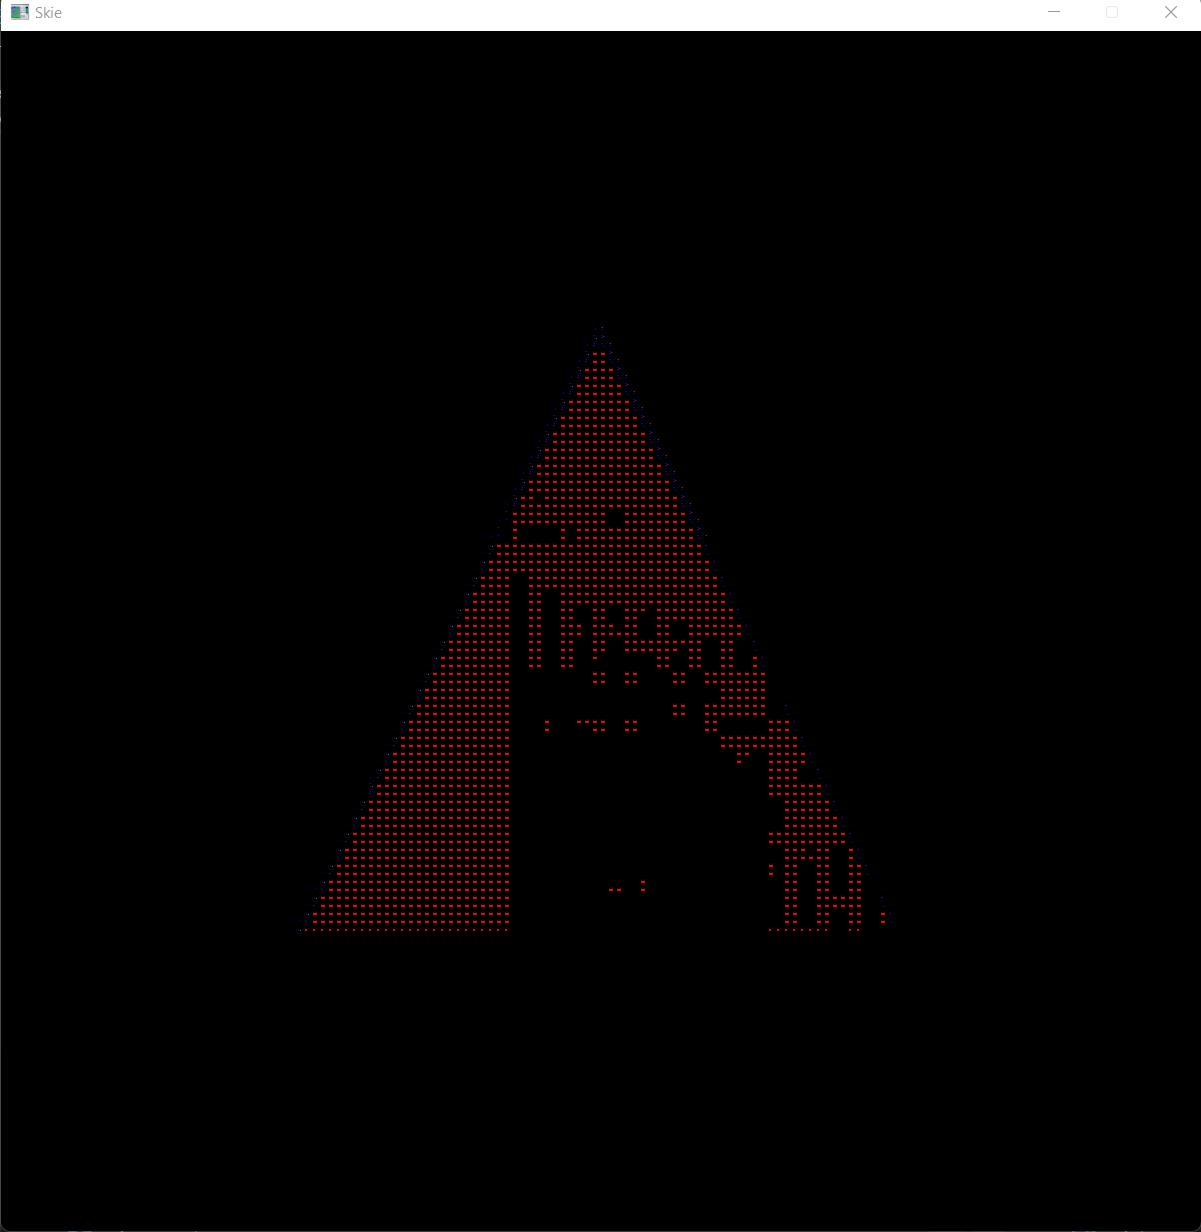 vulkan_snip